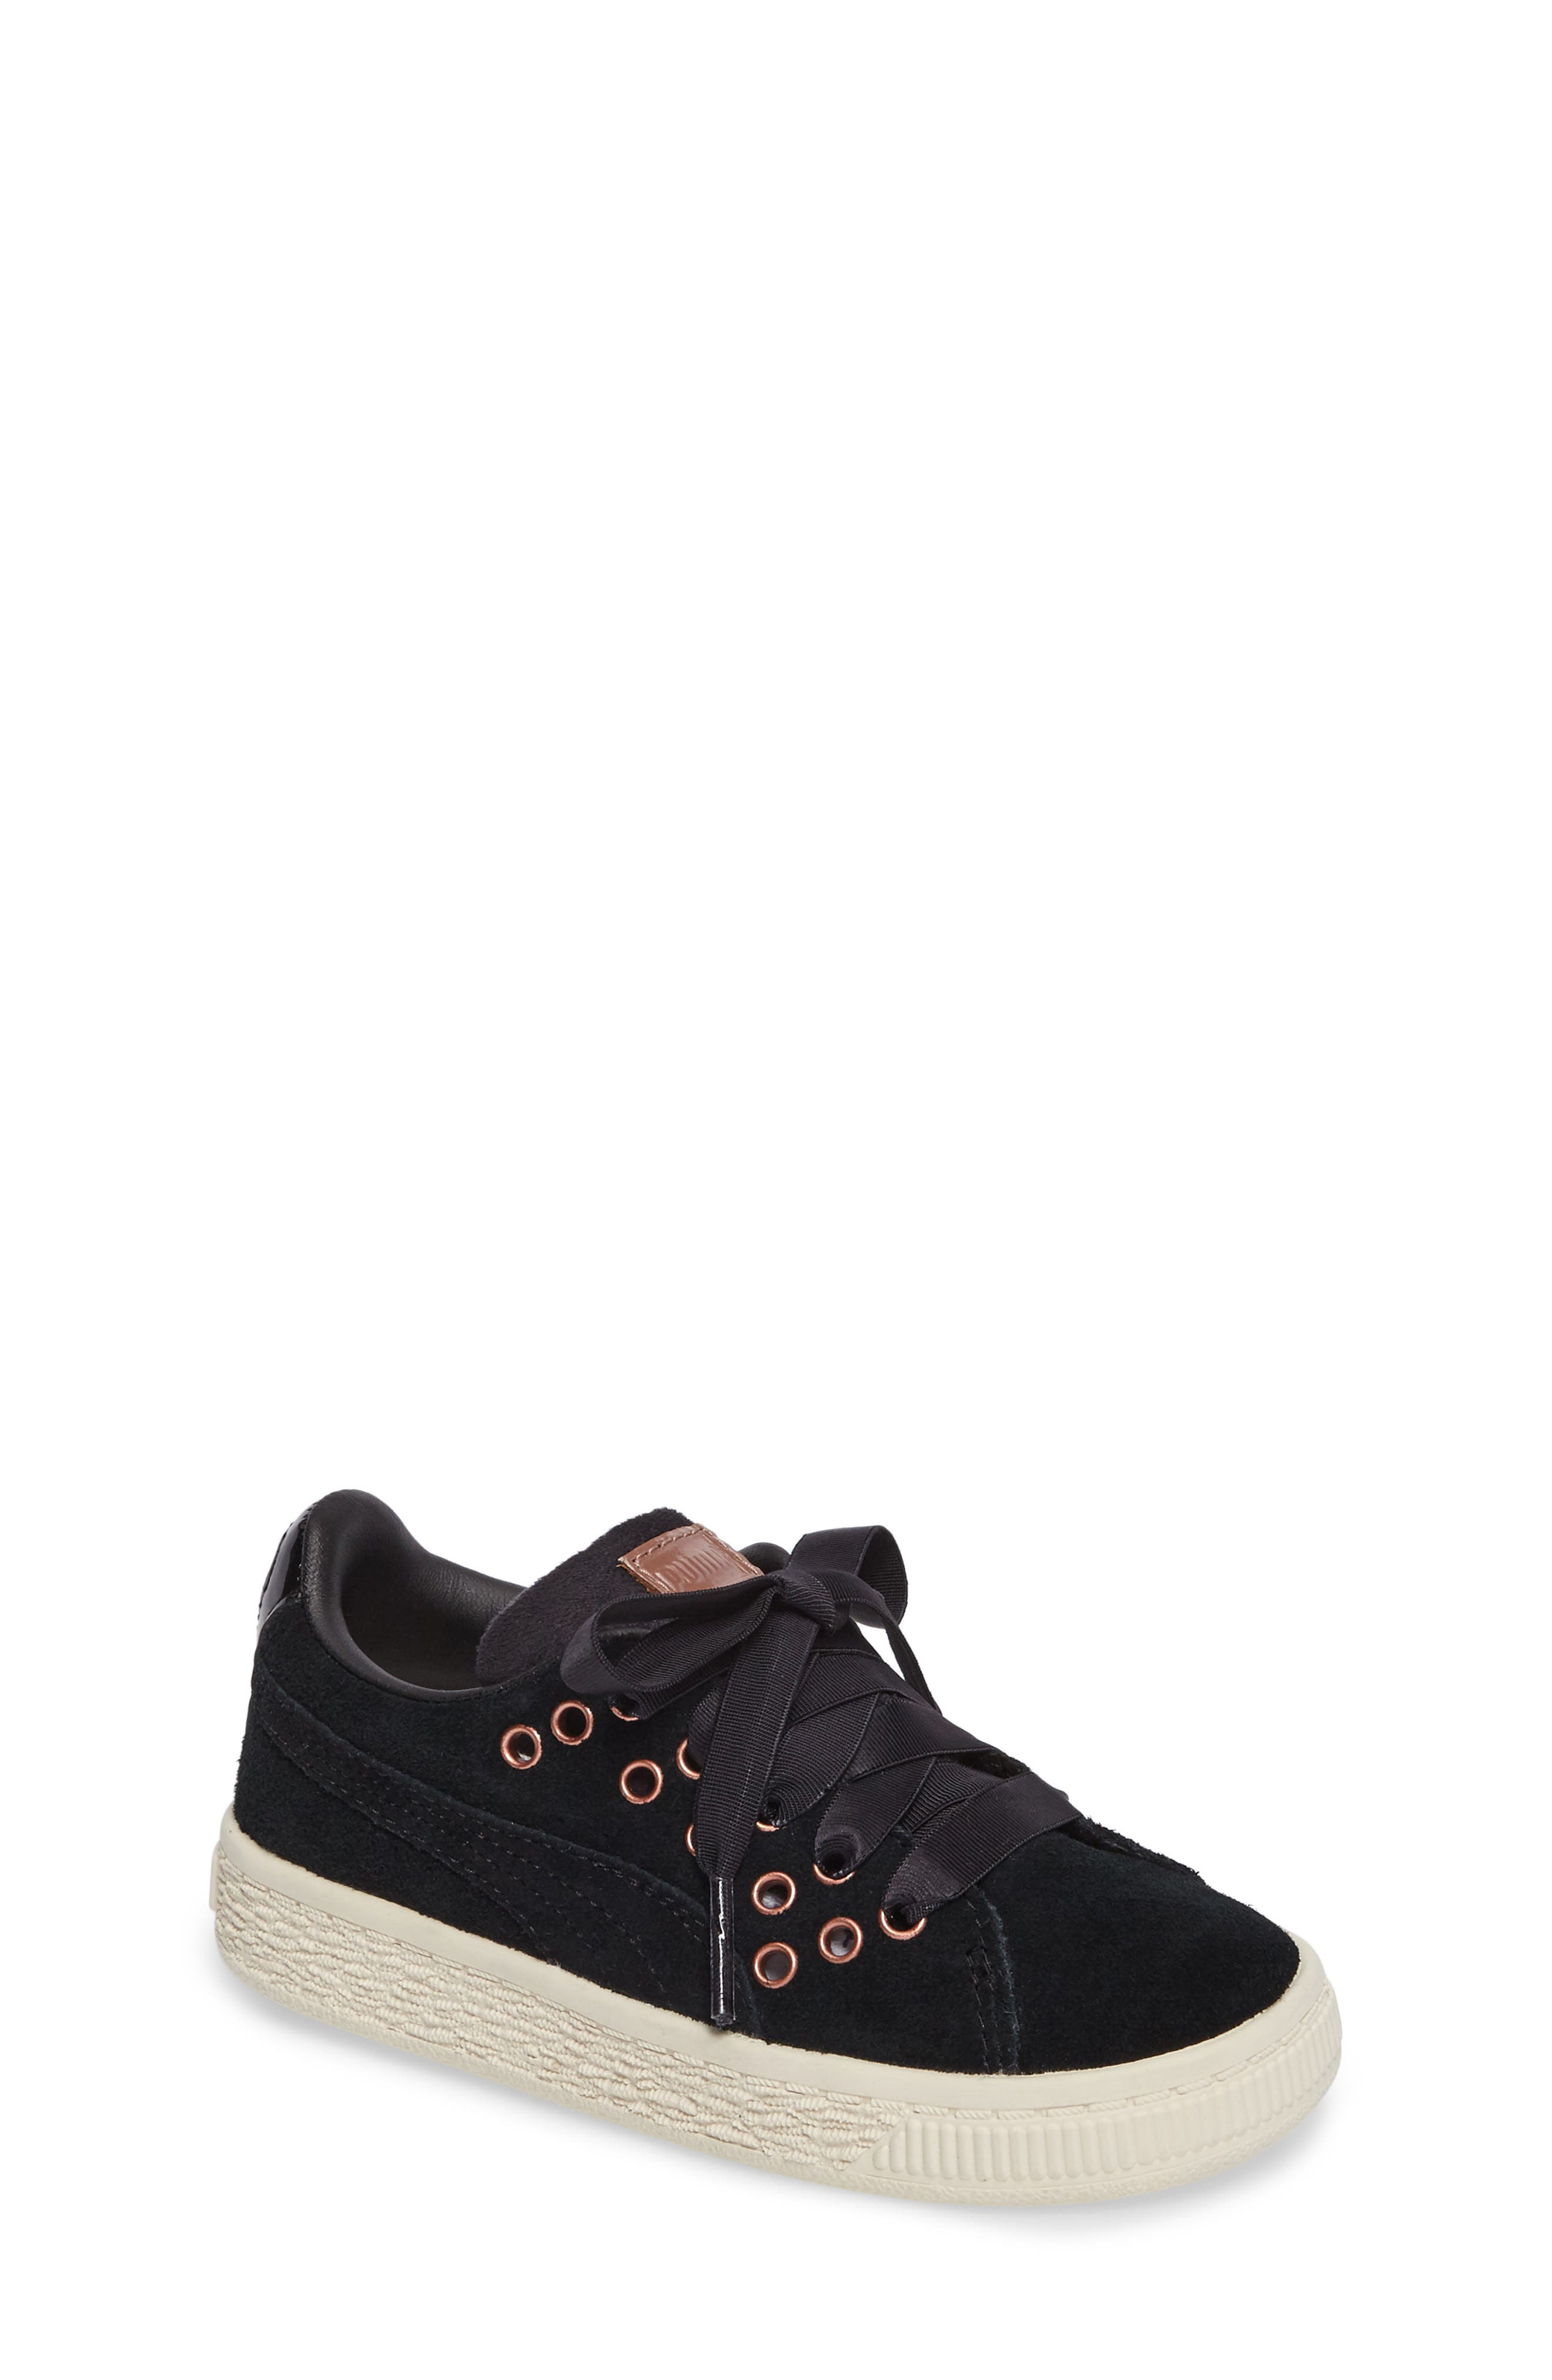 PUMA Suede XL Sneaker